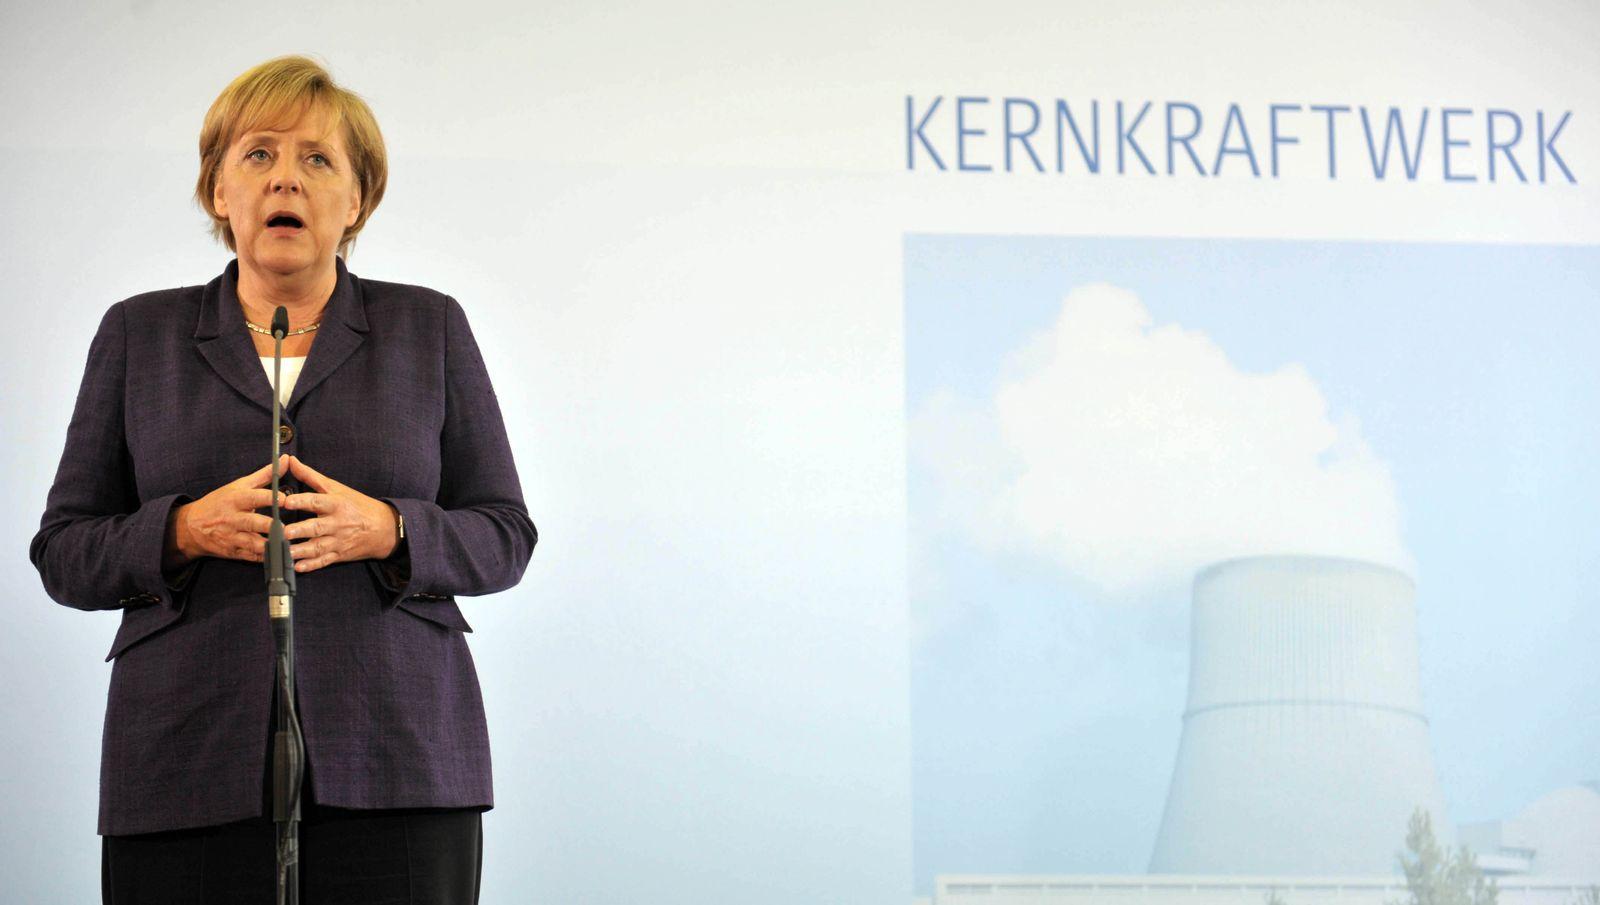 Merkel: 10 bis 15 Jahre längere AKW-Laufzeiten